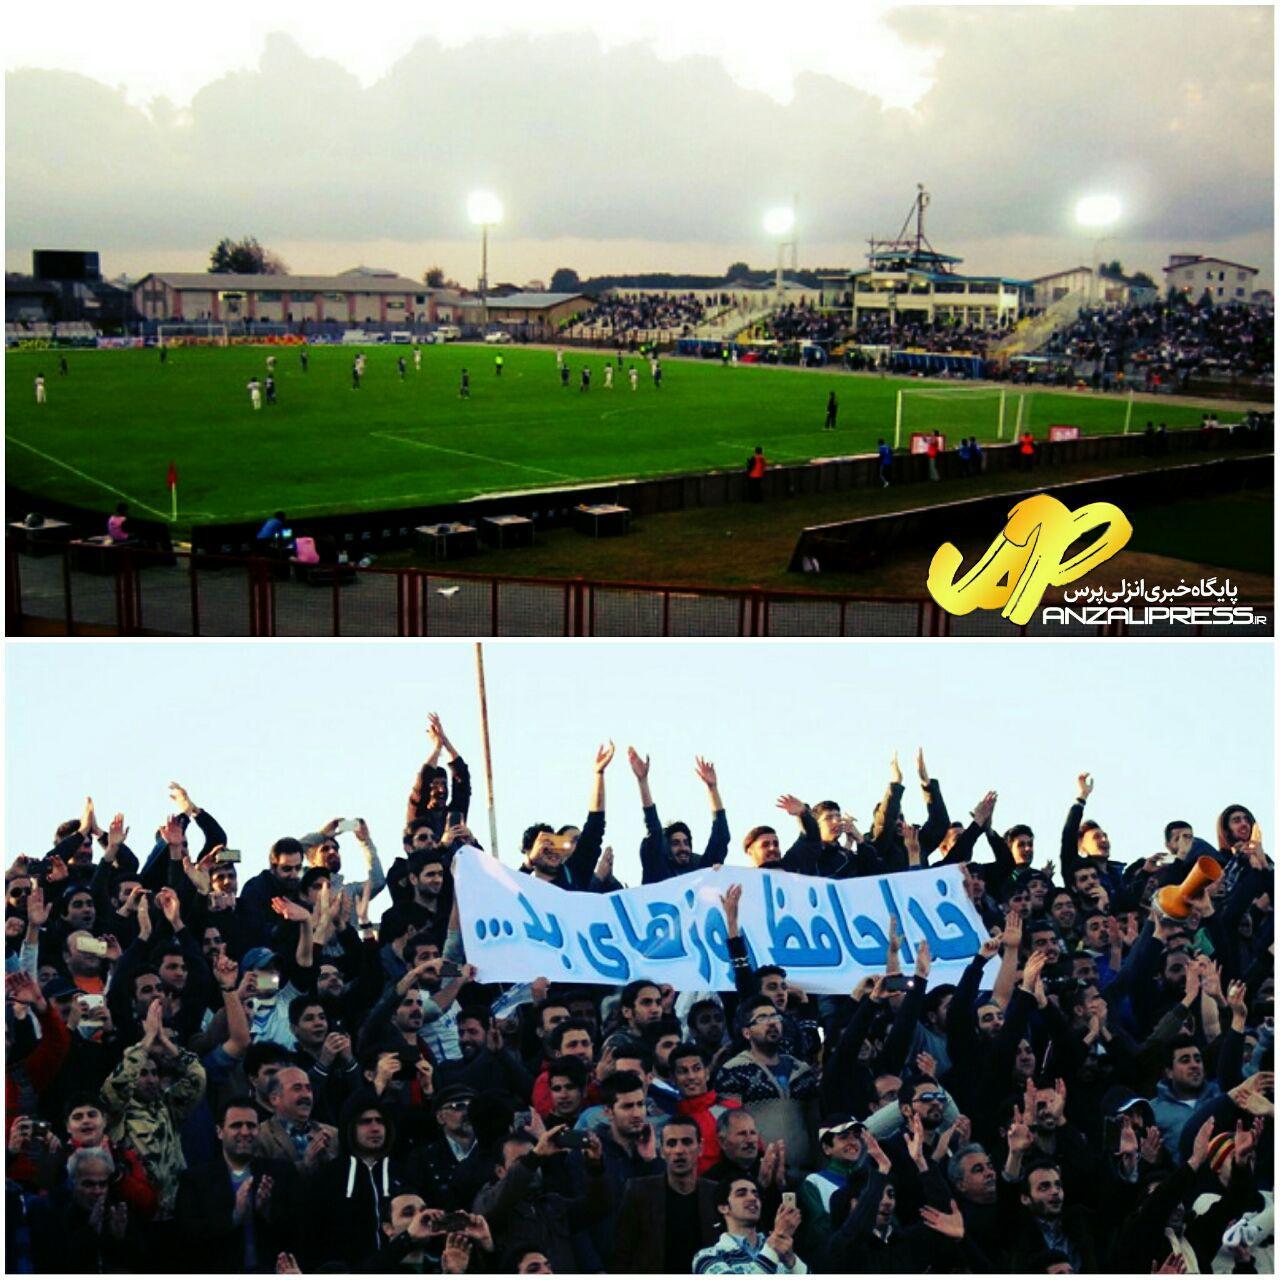 باشگاه ملوان با رایگان شدن بازی های خانگی خود موافقت کرده است